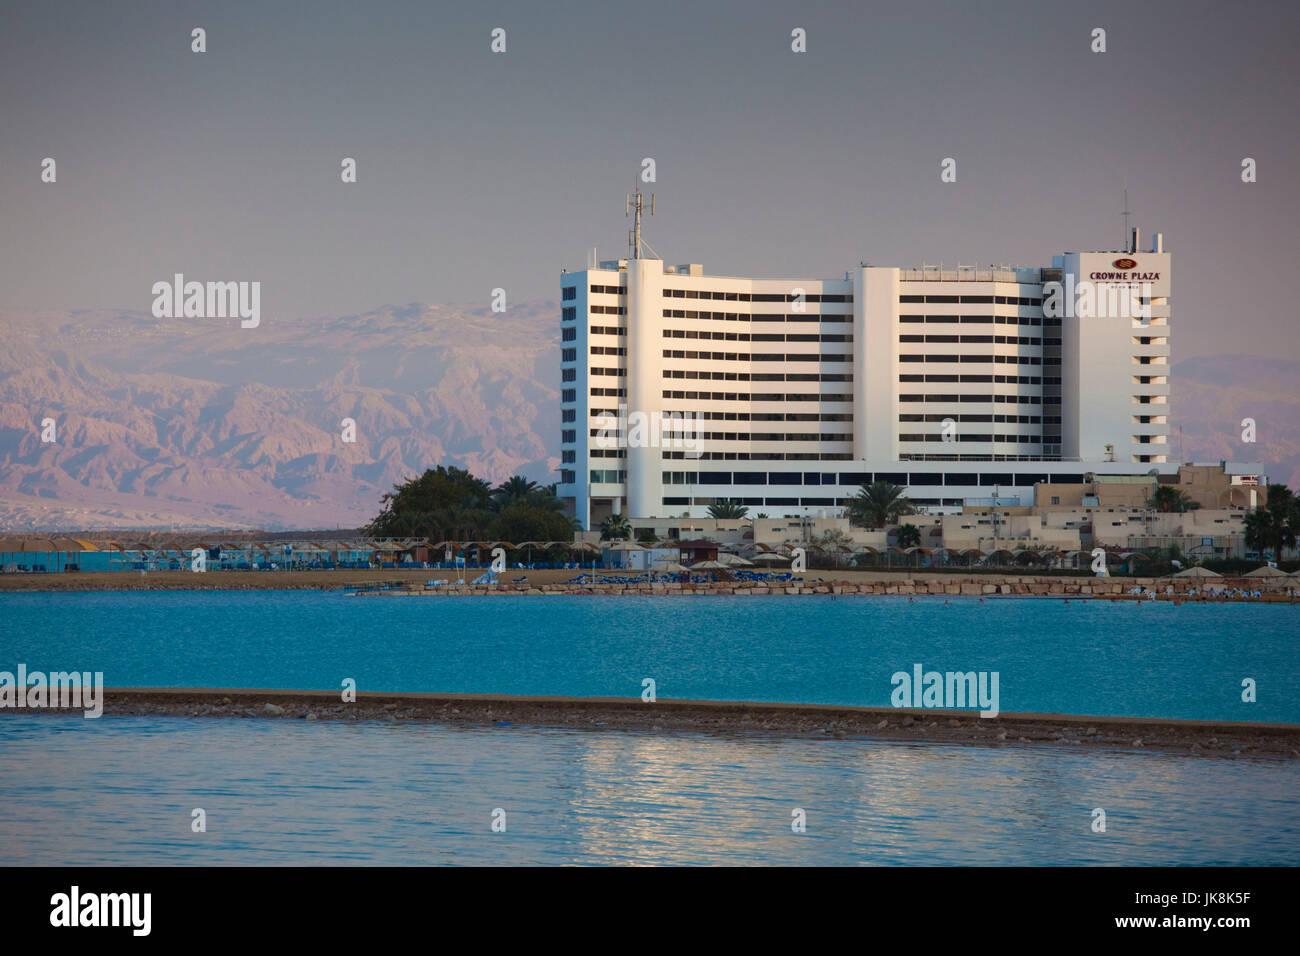 Israel, Dead Sea, Ein Bokek, Dead Sea resort hotels, dusk - Stock Image